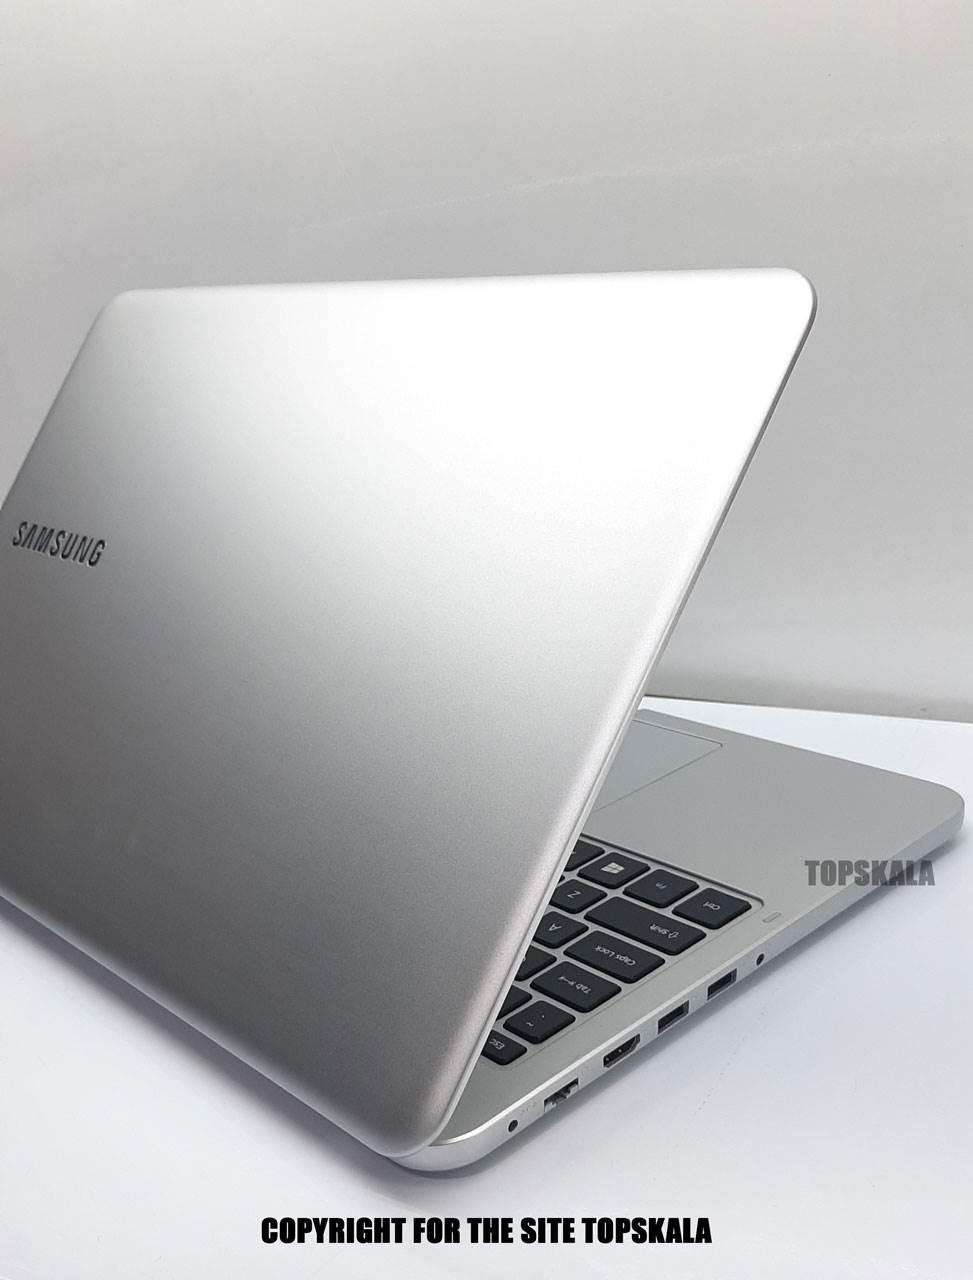 لپ تاپ استوک سامسونگ مدل Samsung 550XTA-550XTZ با مشخصات CPU AMD Rayzen 5 Ram 8GB DDR 4 Hard 1TB HDD GPU AMD Radeon Vega 8 3GBlaptop-stock-Samsung-model-550XTA-550XTZ-CPU-AMD-Rayzen-5-Ram-8GB-DDR-4-Hard-1TB-HDD-GPU-AMD-Radeon-Vega-8-3GB